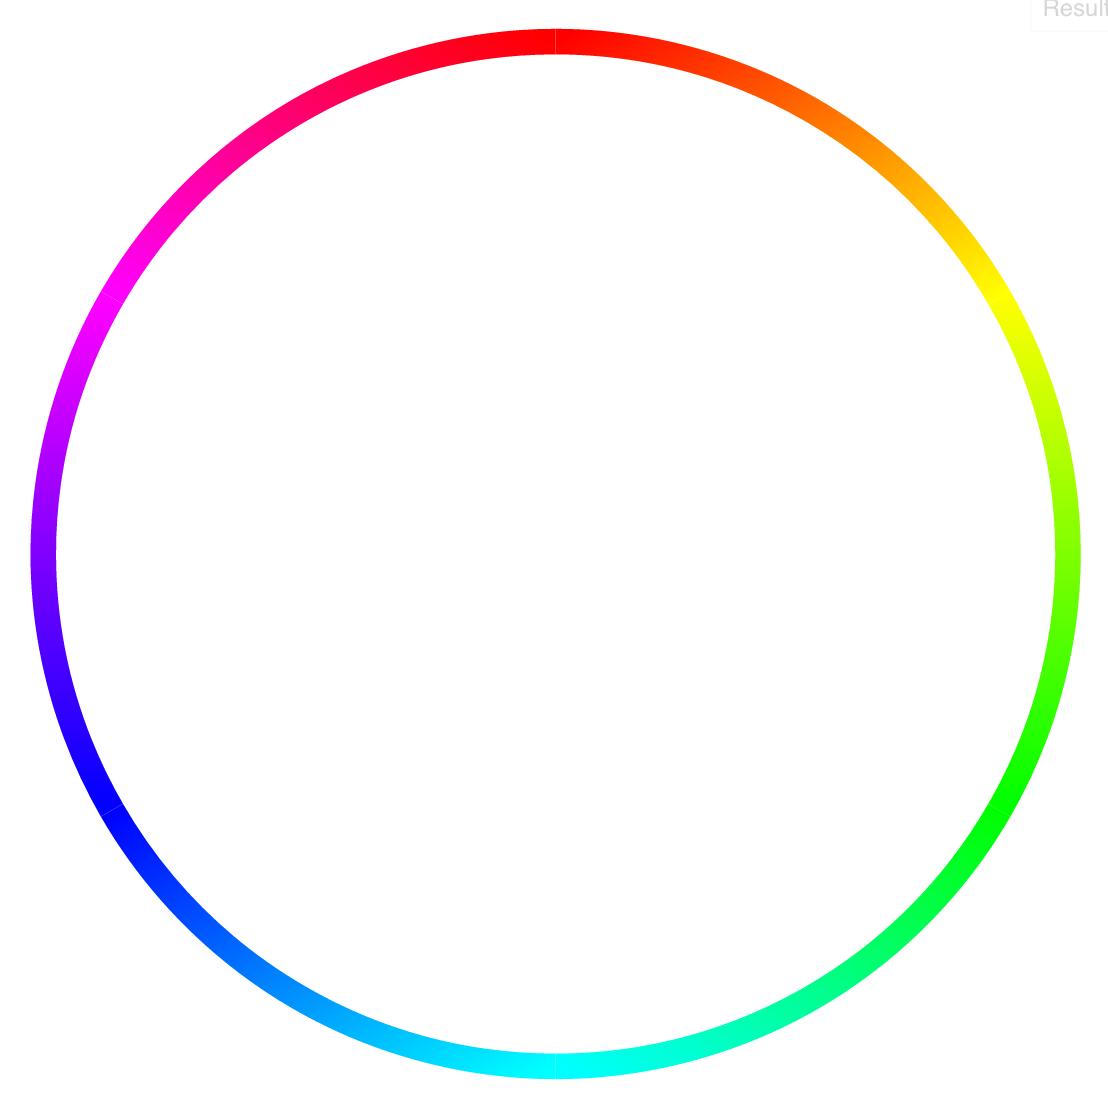 Mẫu hình tròn ngũ sắc đơn giản